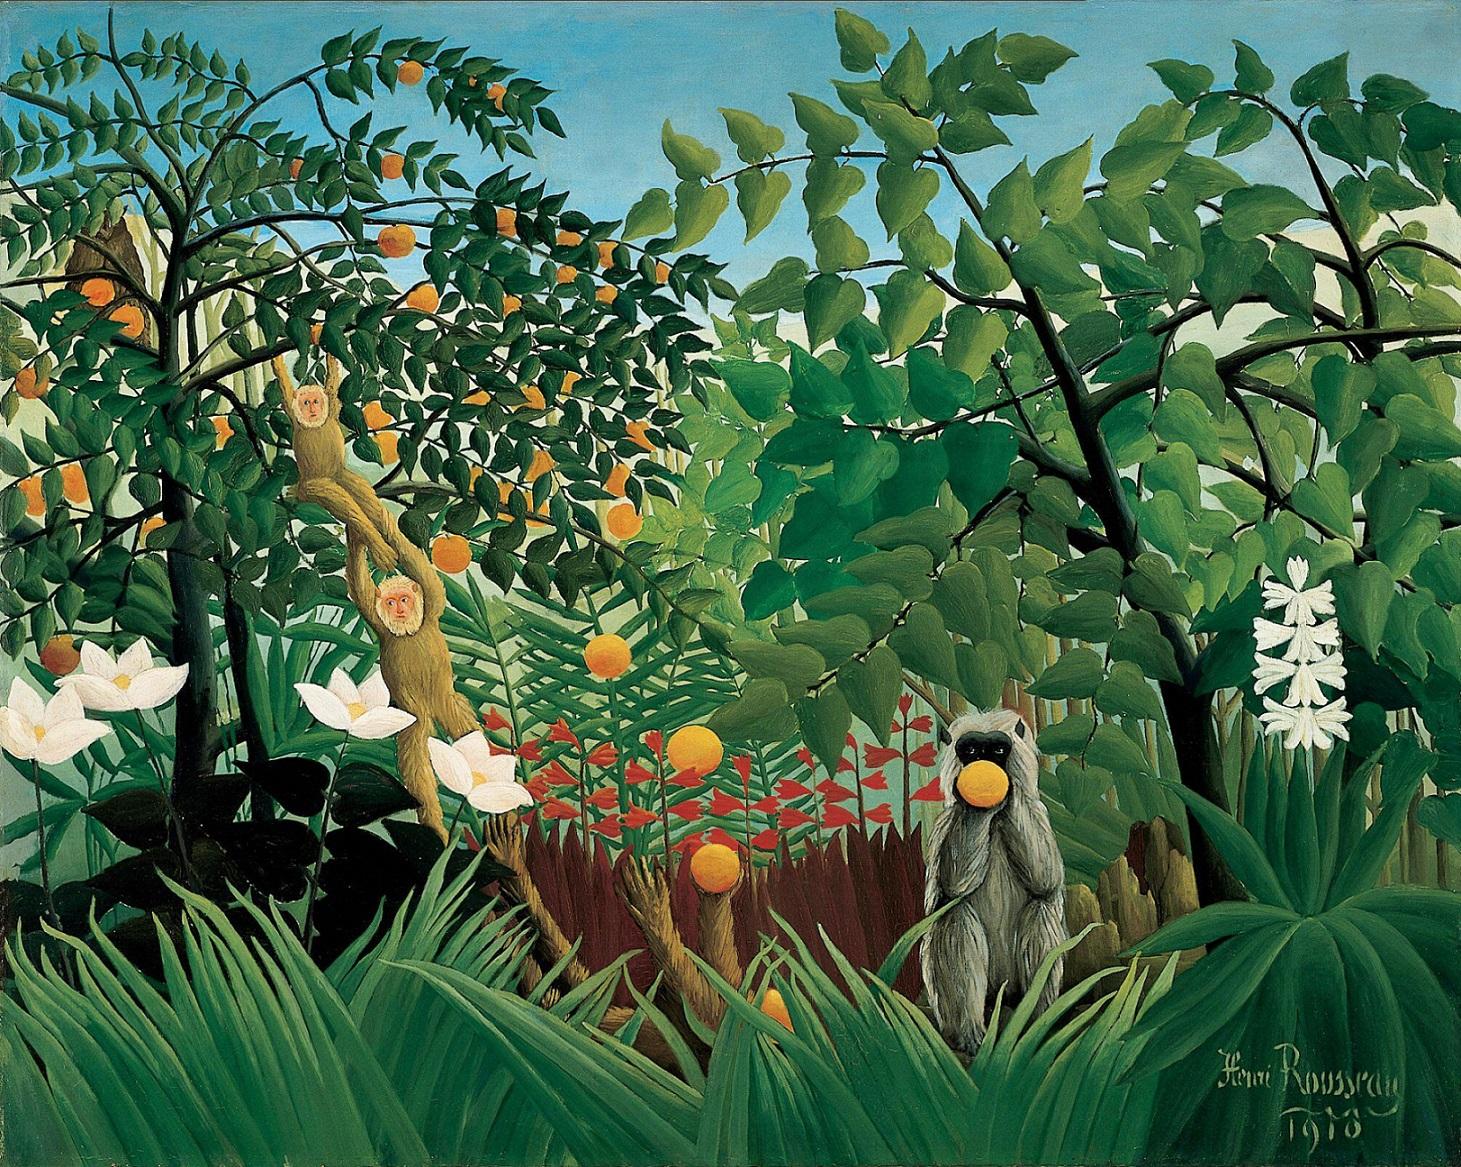 Henri-Rousseau-Douanier-Rousseau-Paysage-Exotique-avec-des-singes-jouant-1024x817